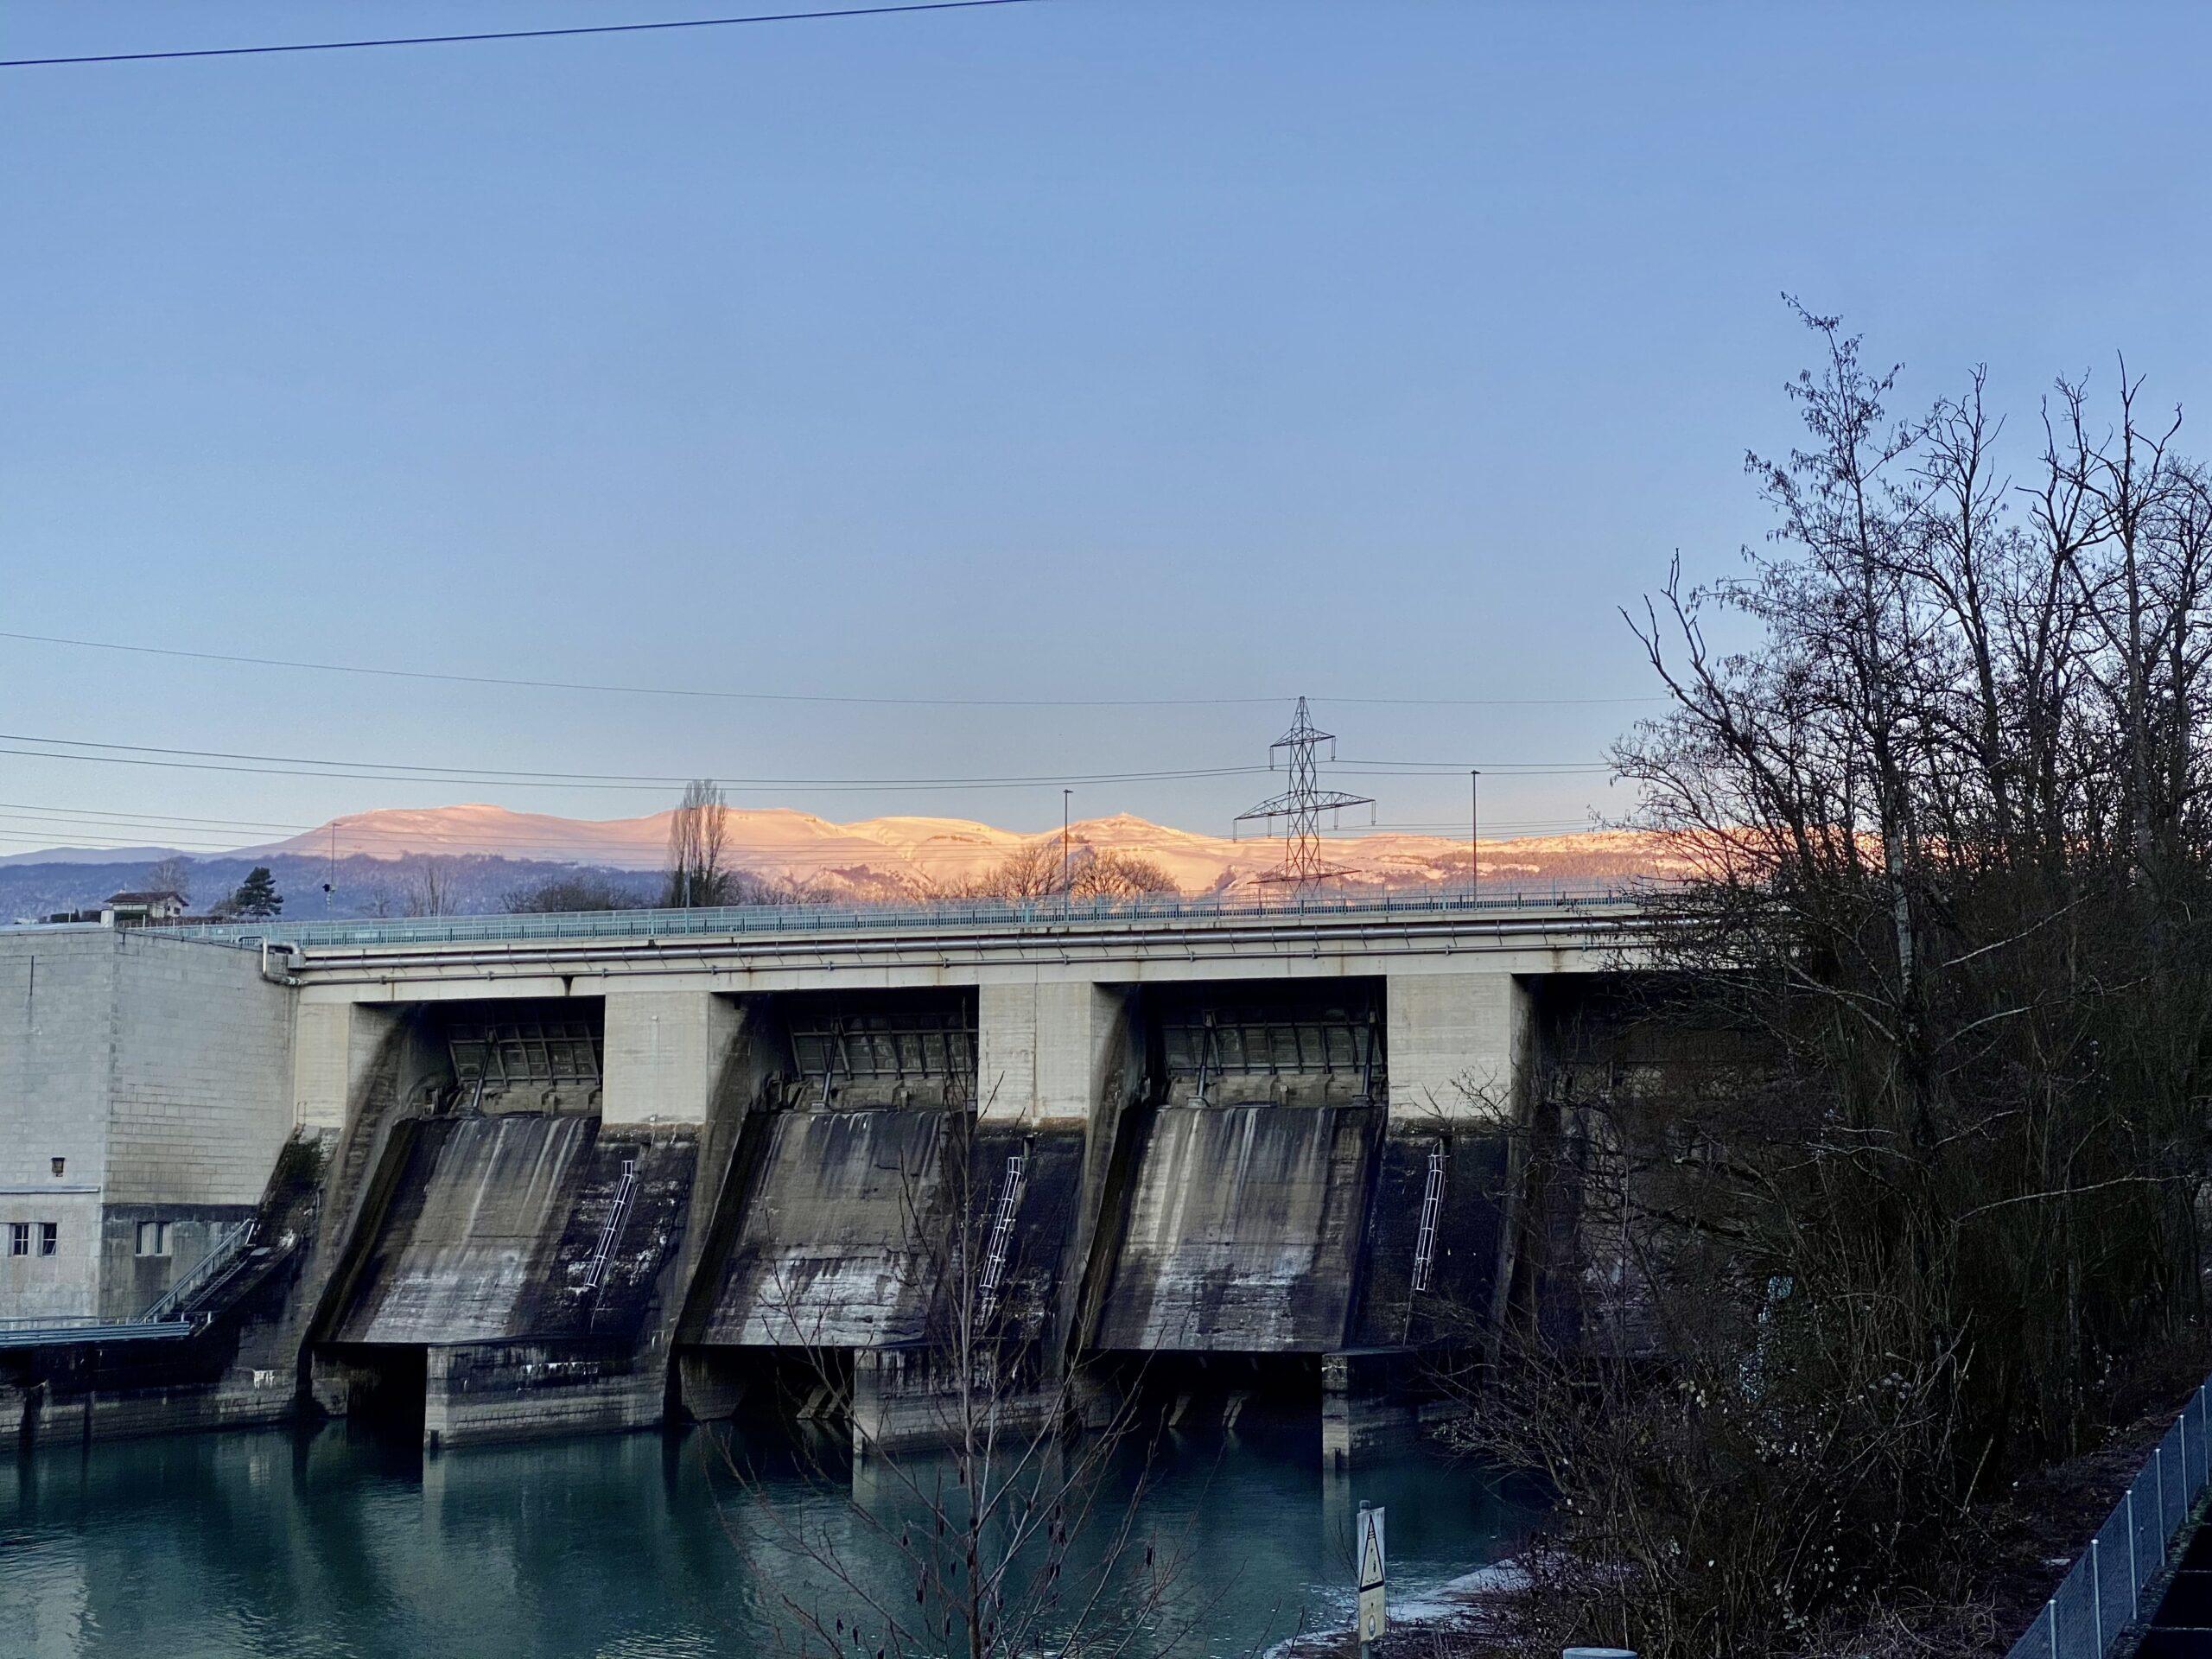 Perroy / Barrage de Verbois / Réserve naturelle du Moulin de Vert